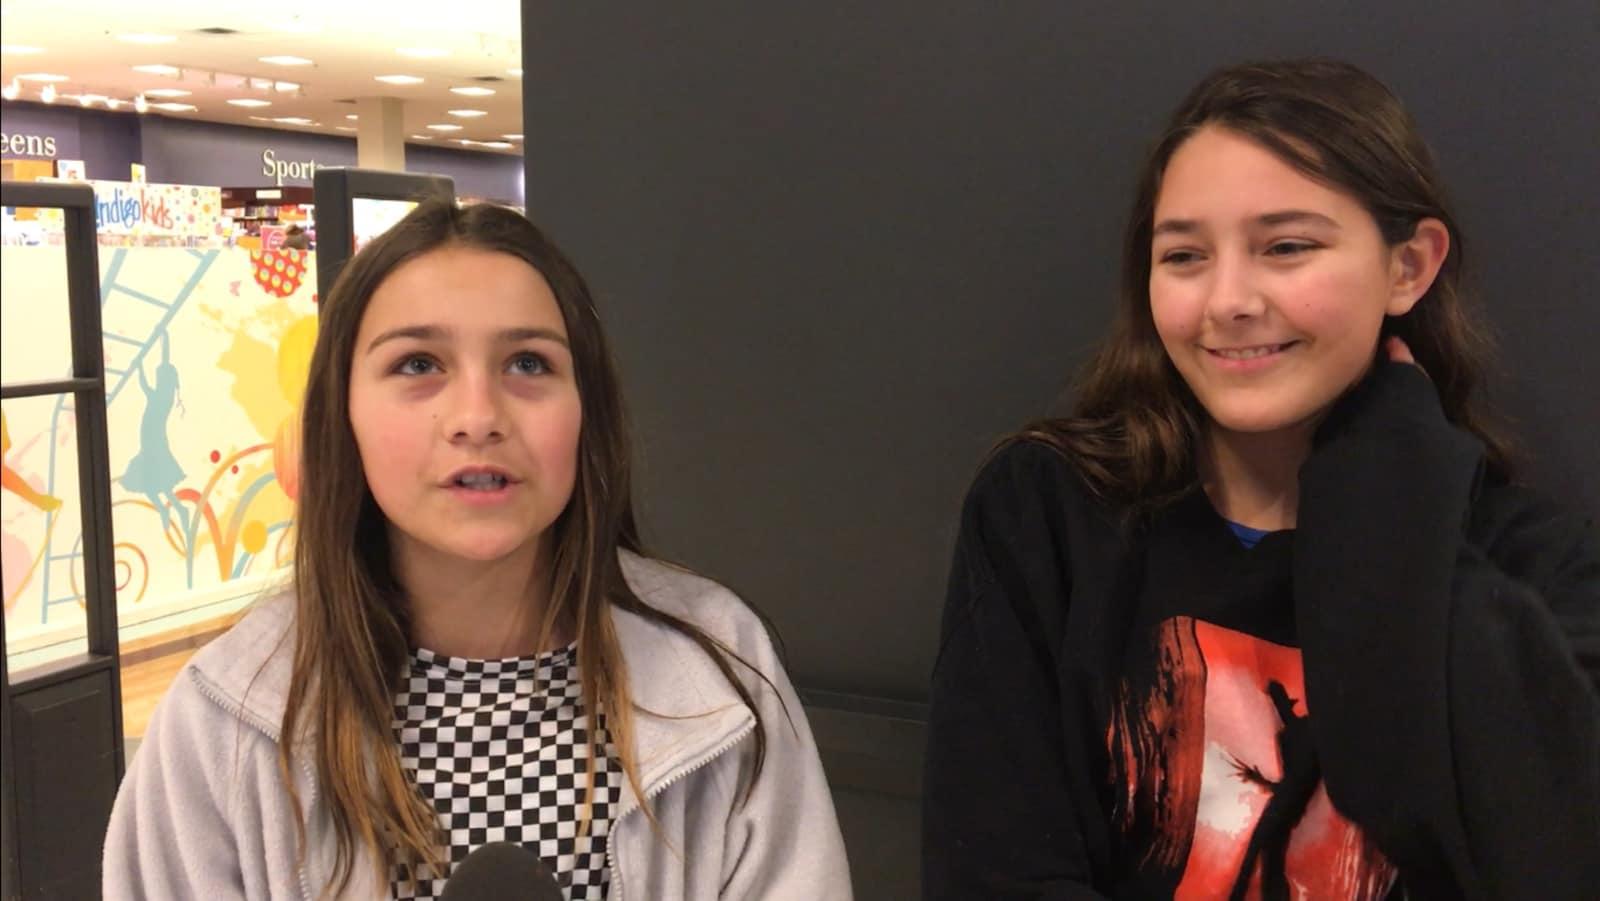 Deux jeunes filles se tiennent devant l'entrée d'un magasin, la plus jeune des deux soeurs regarde vers le haut, l'air pensive, et la plus vieille, à gauche, tient son cou en souriant, l'air gênée.